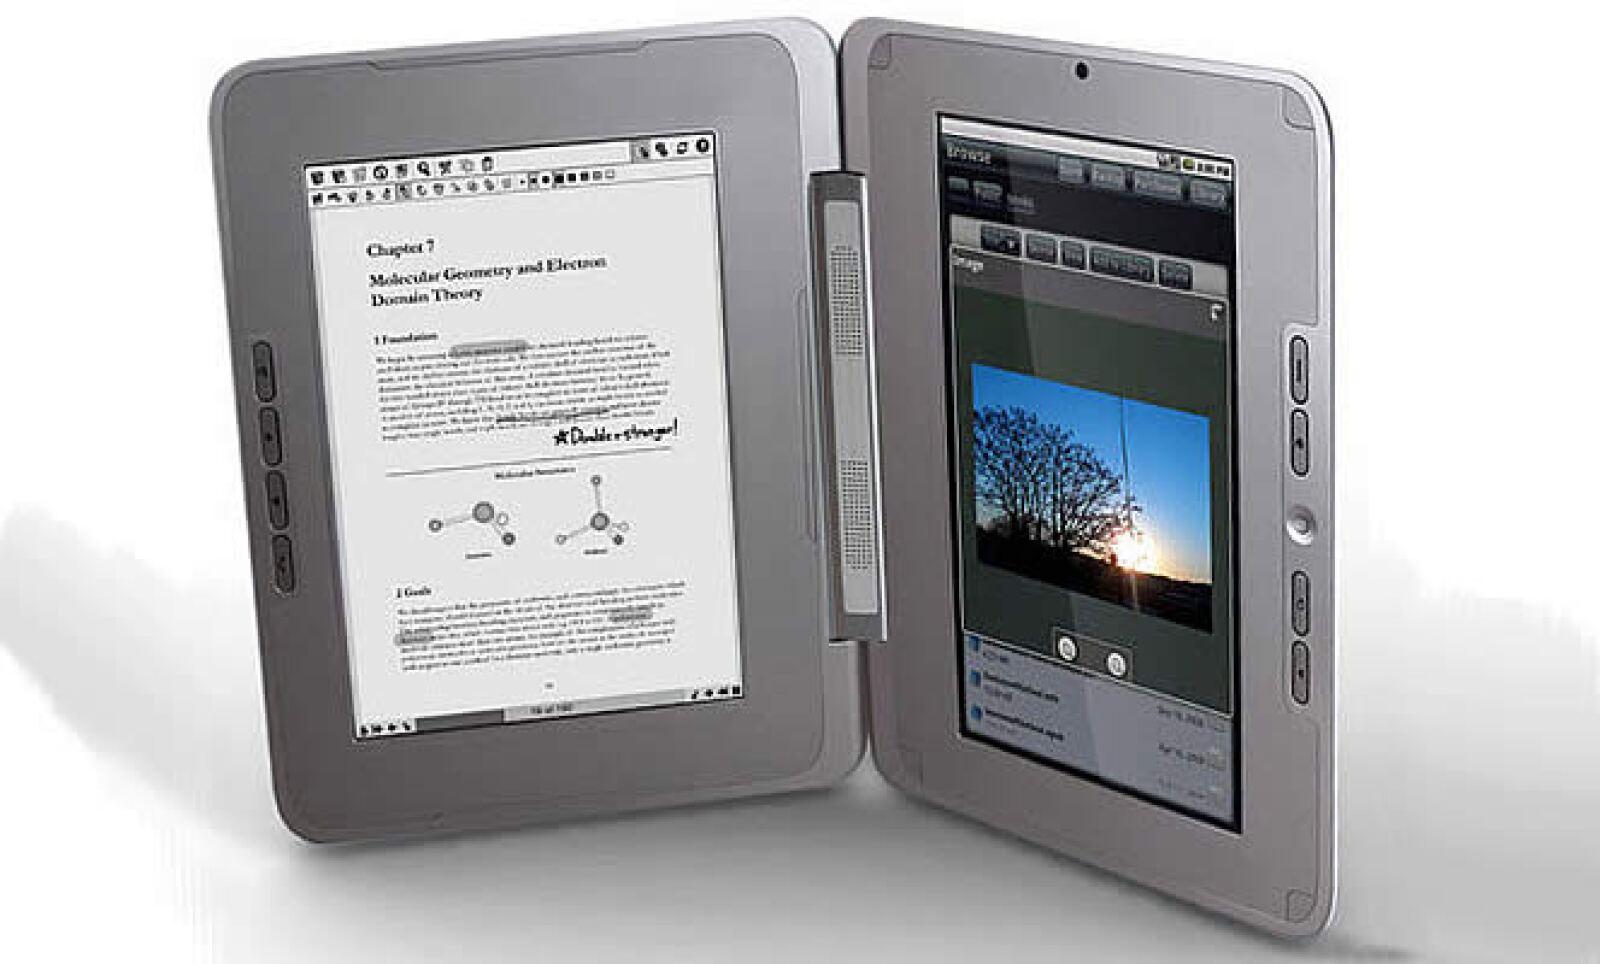 El lector de libros digitales, Edge, de la compañía Entourage cuenta con doble pantalla de 10 pulgadas, en una podrás ver el documento en blanco y negro, en la otra podrás desplegar gráficos o páginas de Internet. Tendrá un precio estimado de 500 dólares.